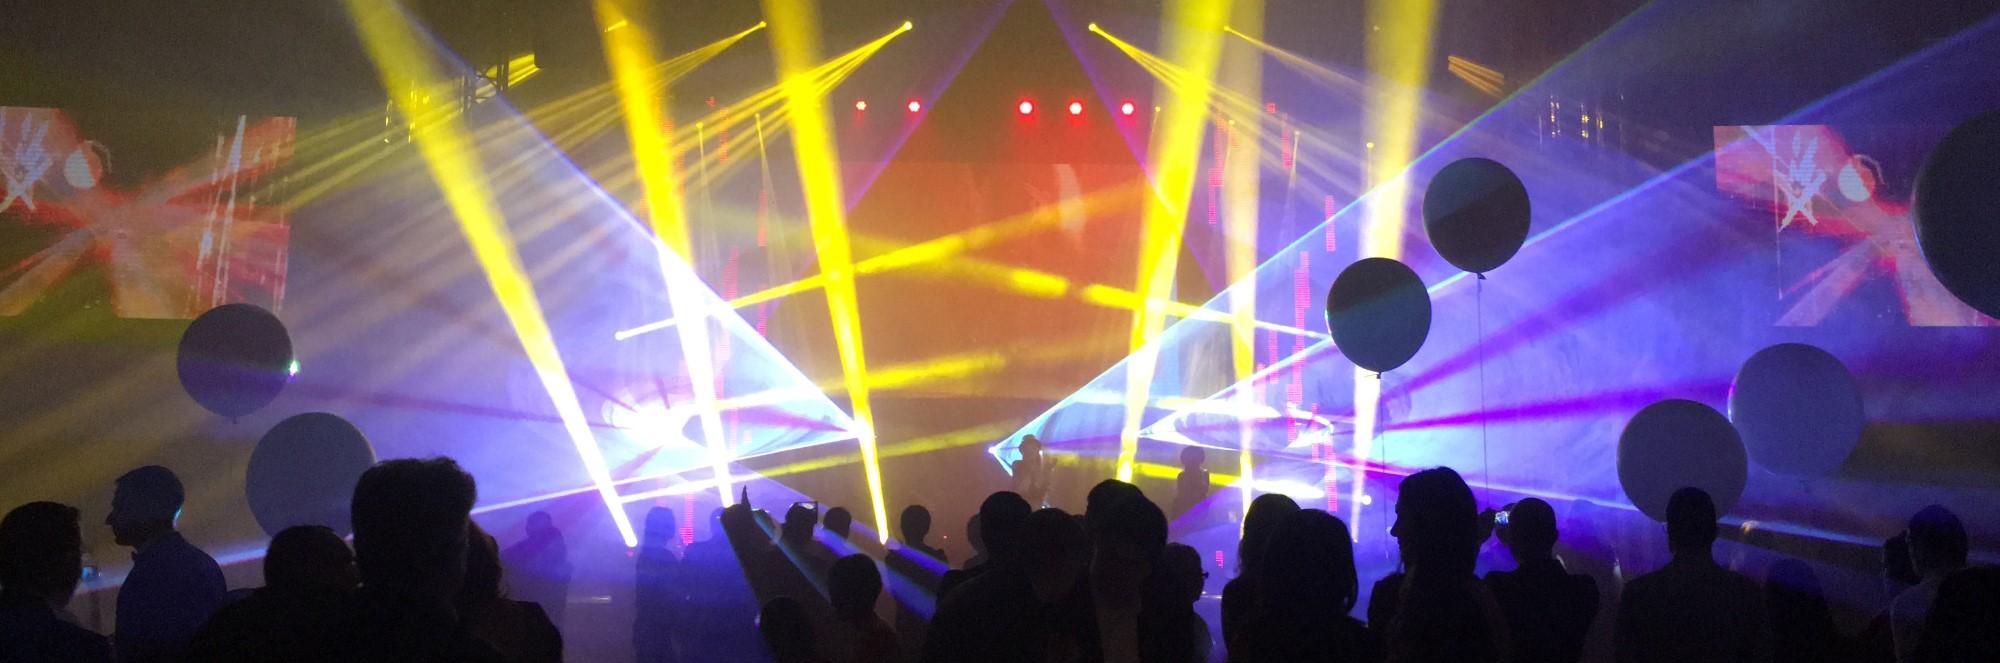 organizare-evenimente-lumini